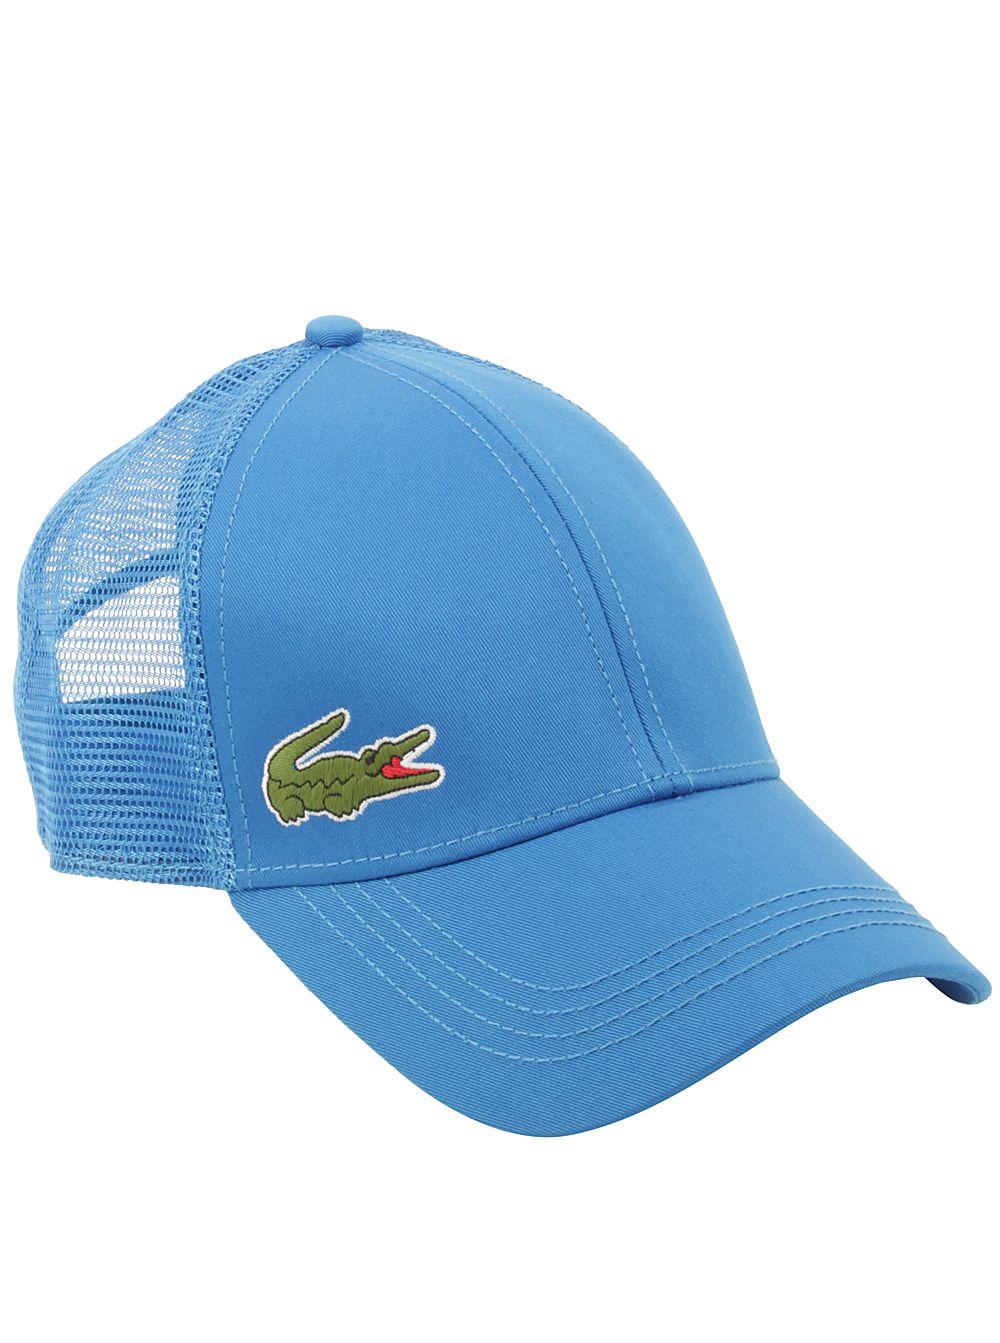 fbf08fe12 Lacoste® Men s Trucker Hat in Nattier Blue